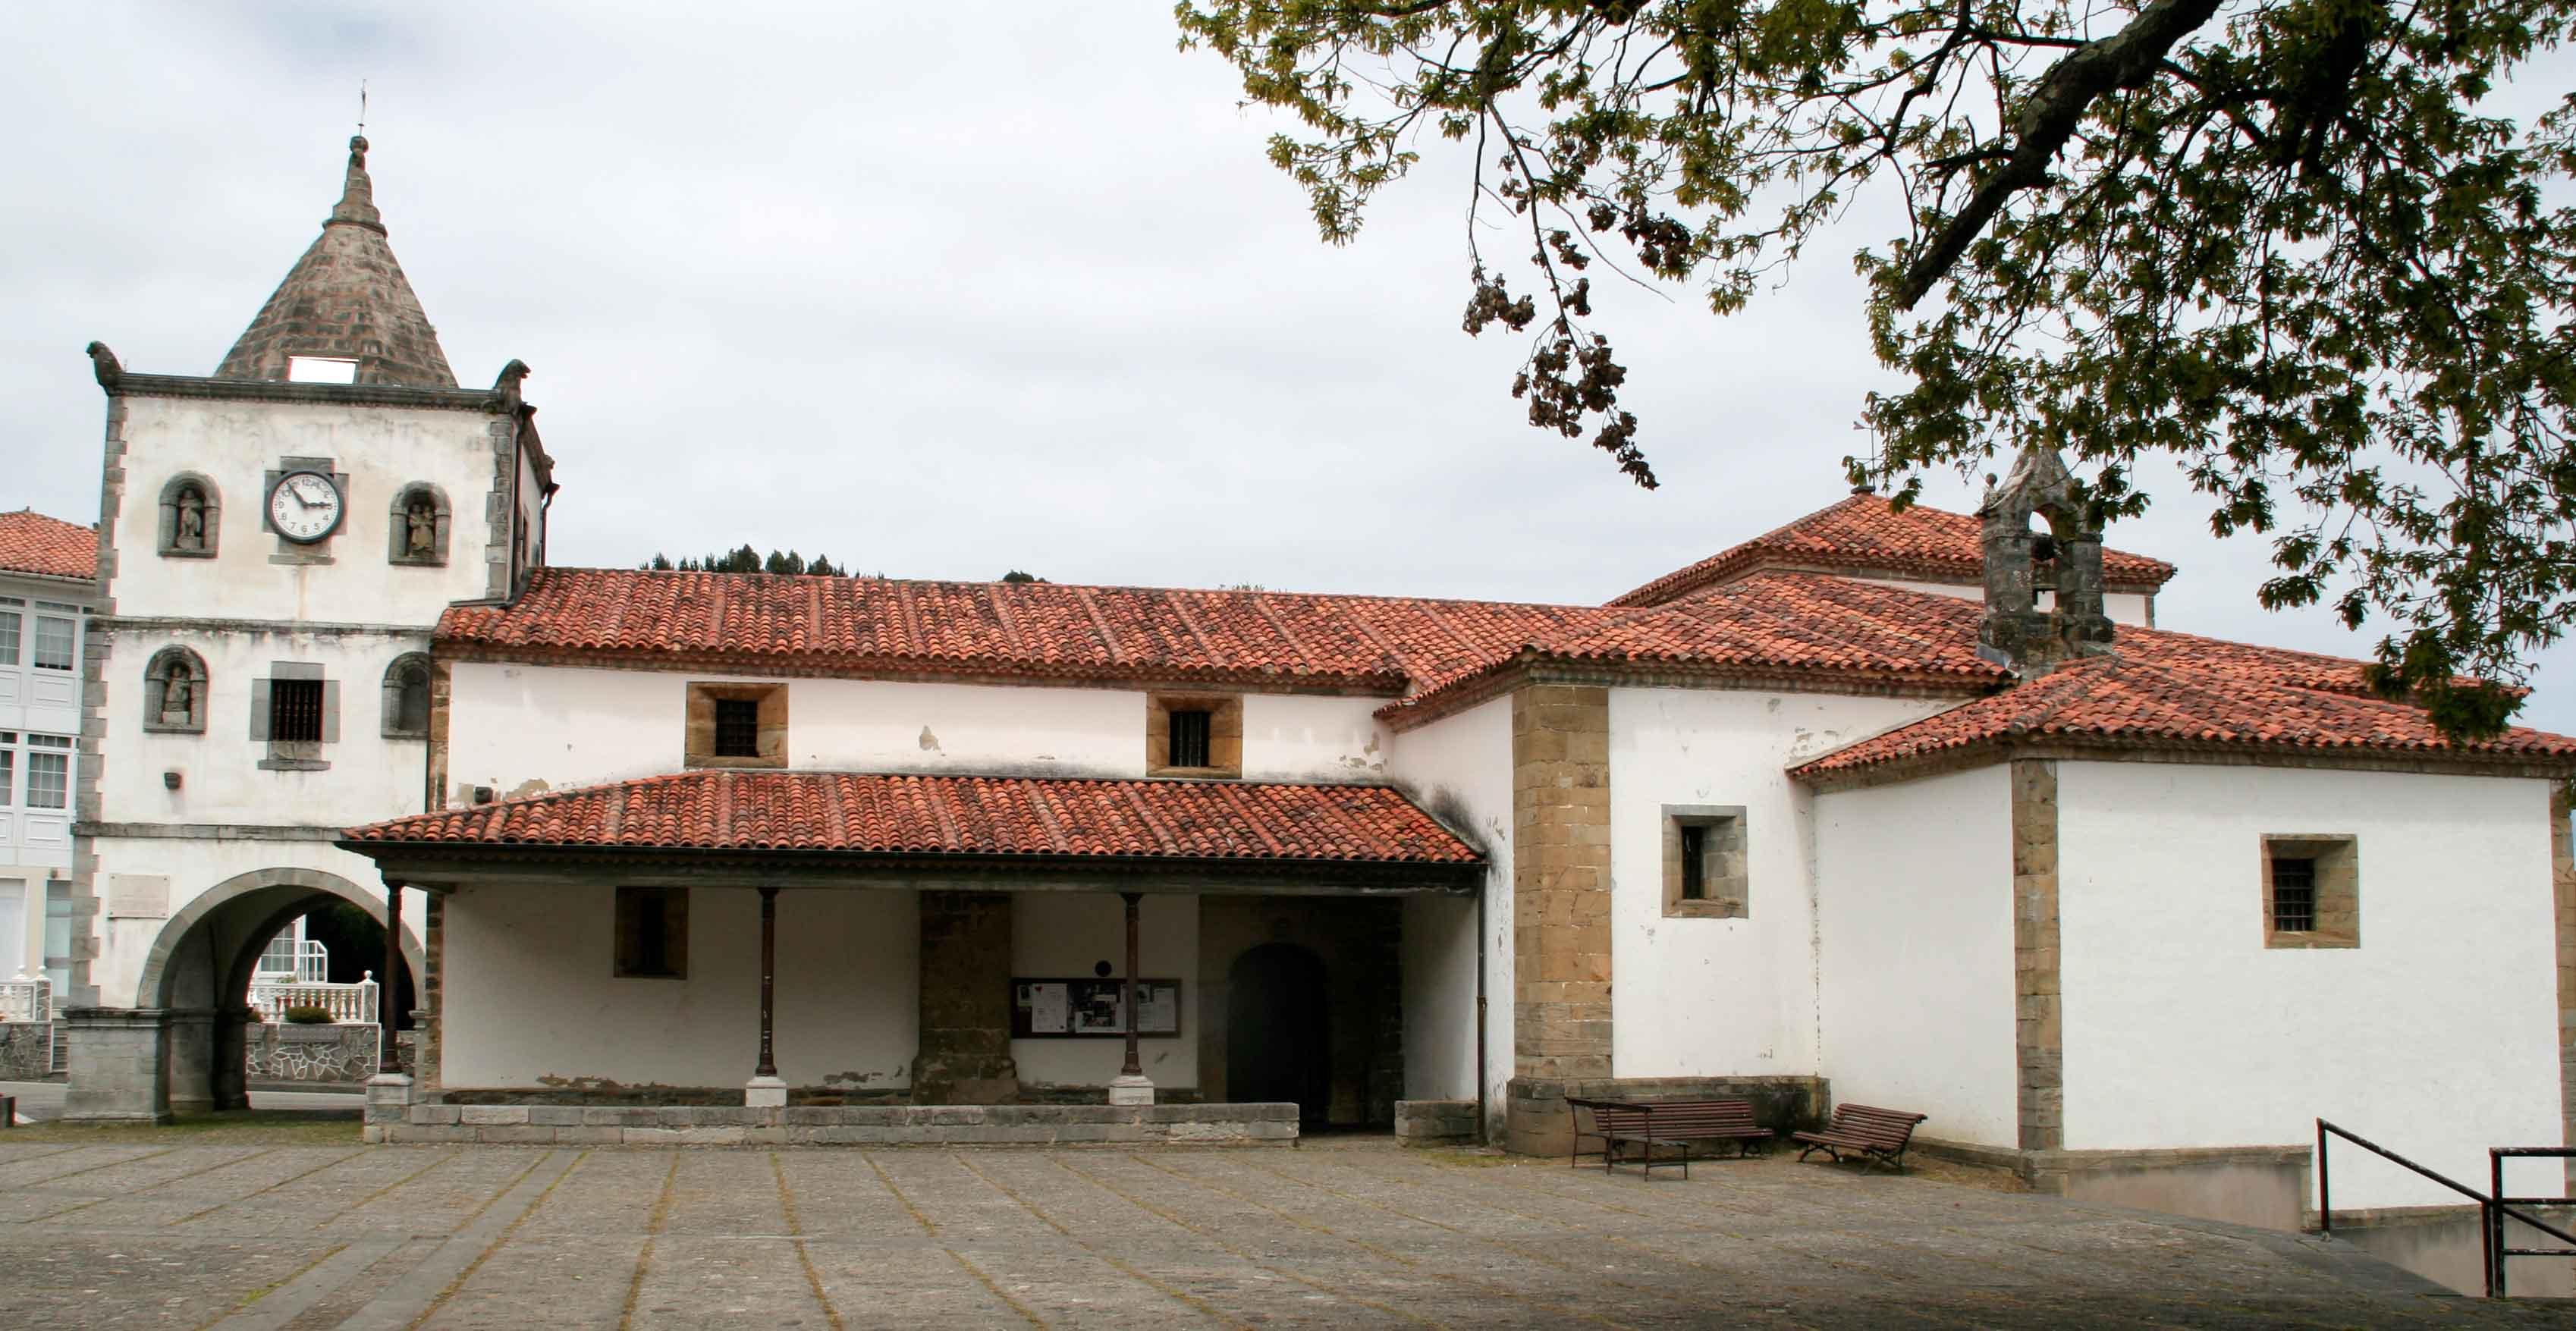 Iglesia y plaza Soto de Luiña